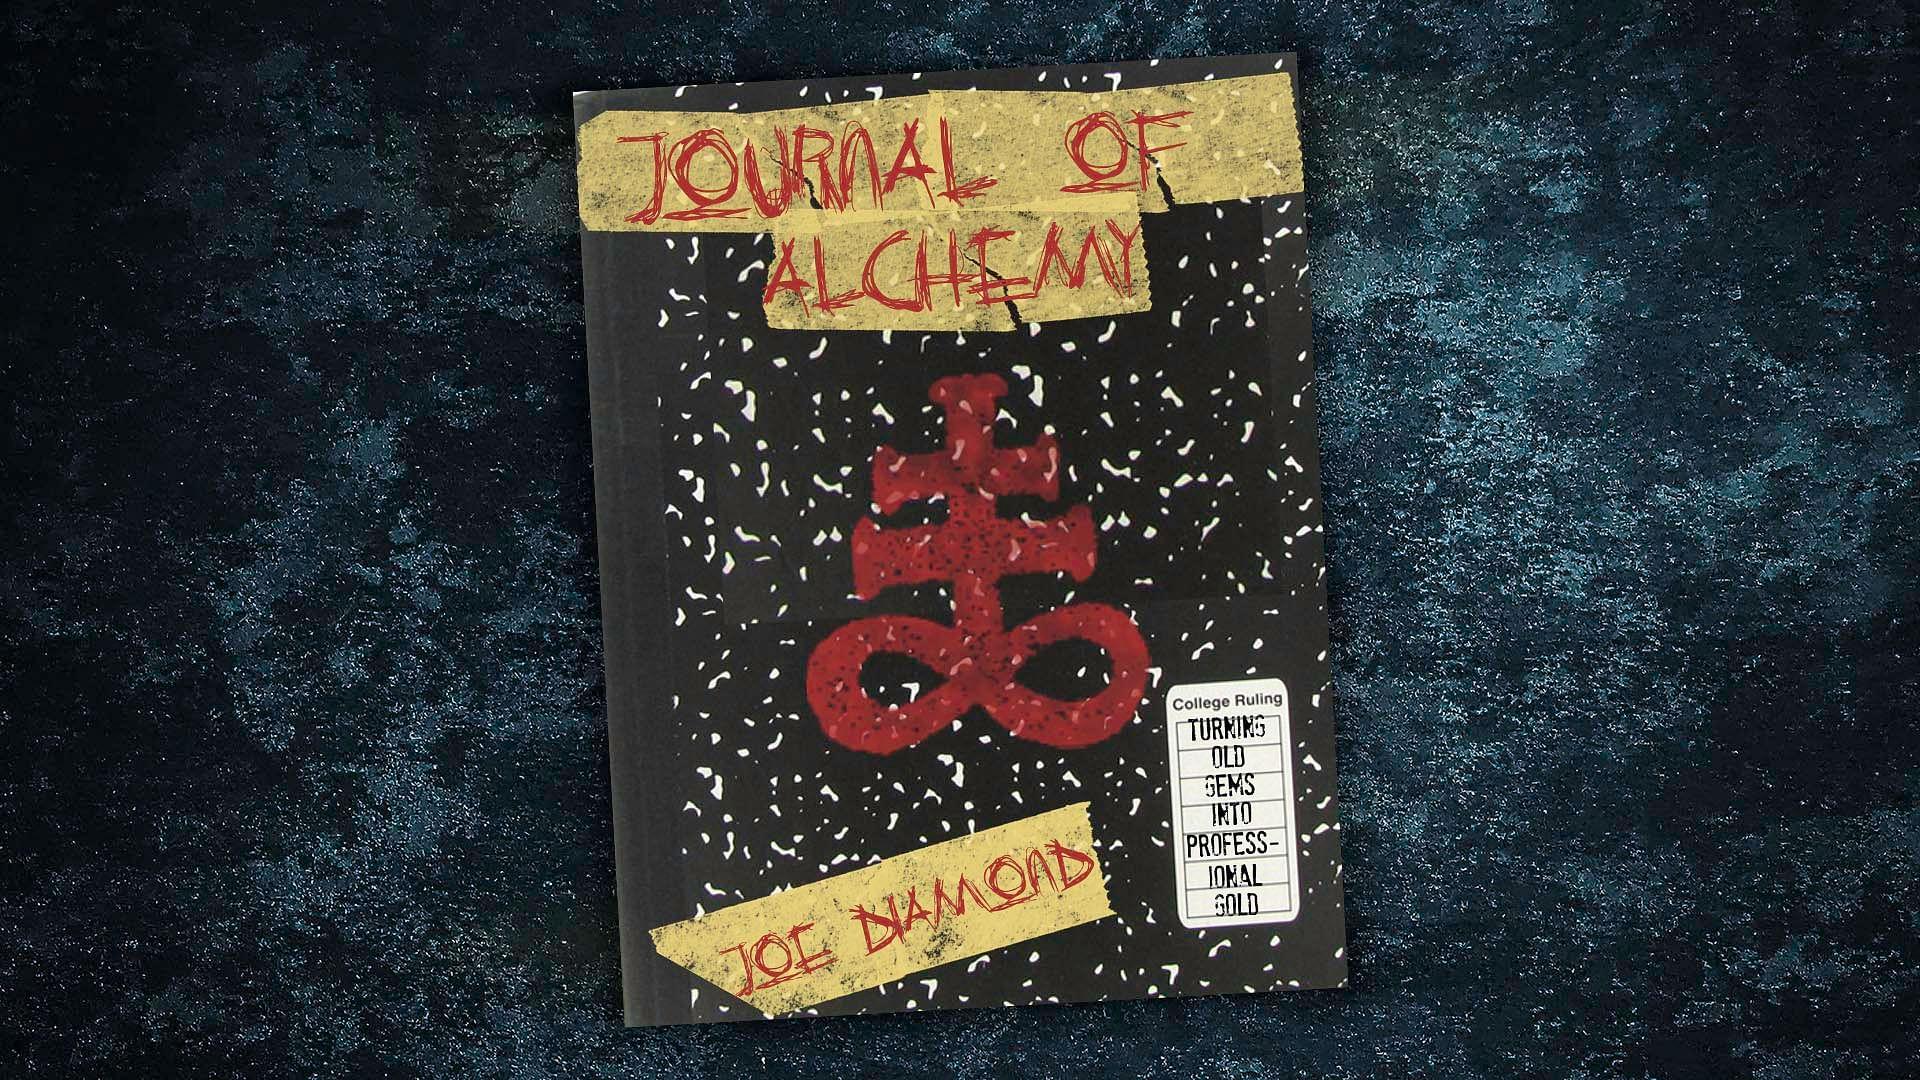 Journal of Alchemy - magic